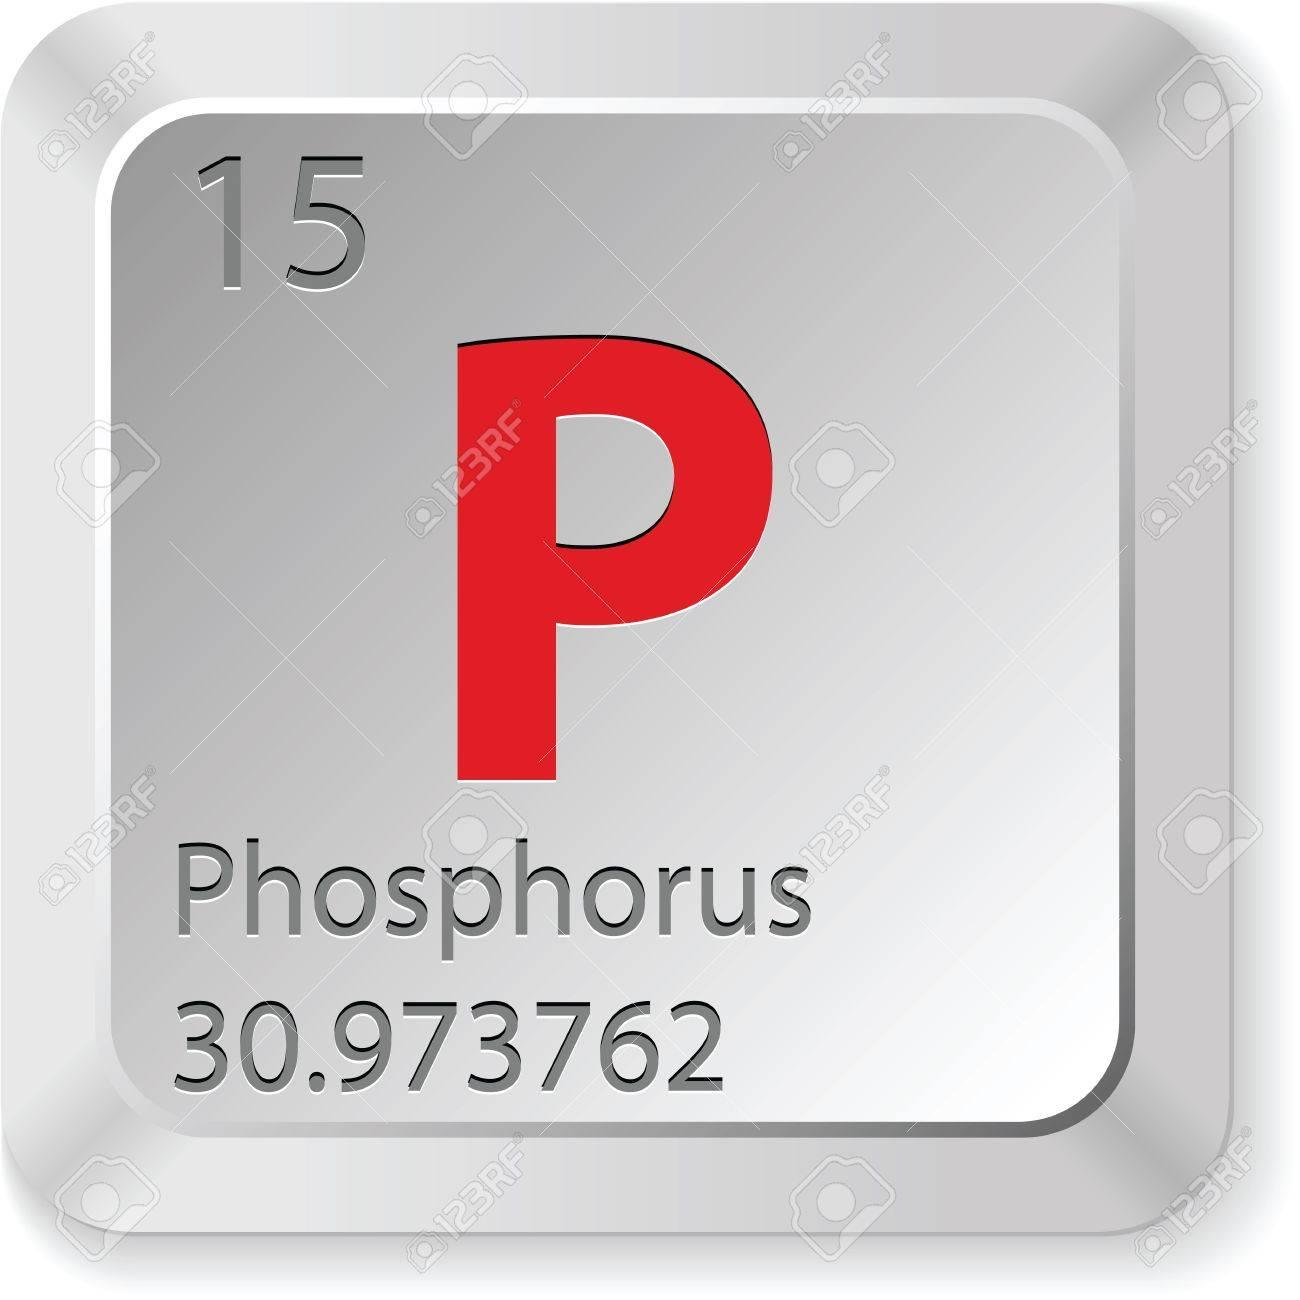 phosphorus button Stock Vector - 16135730